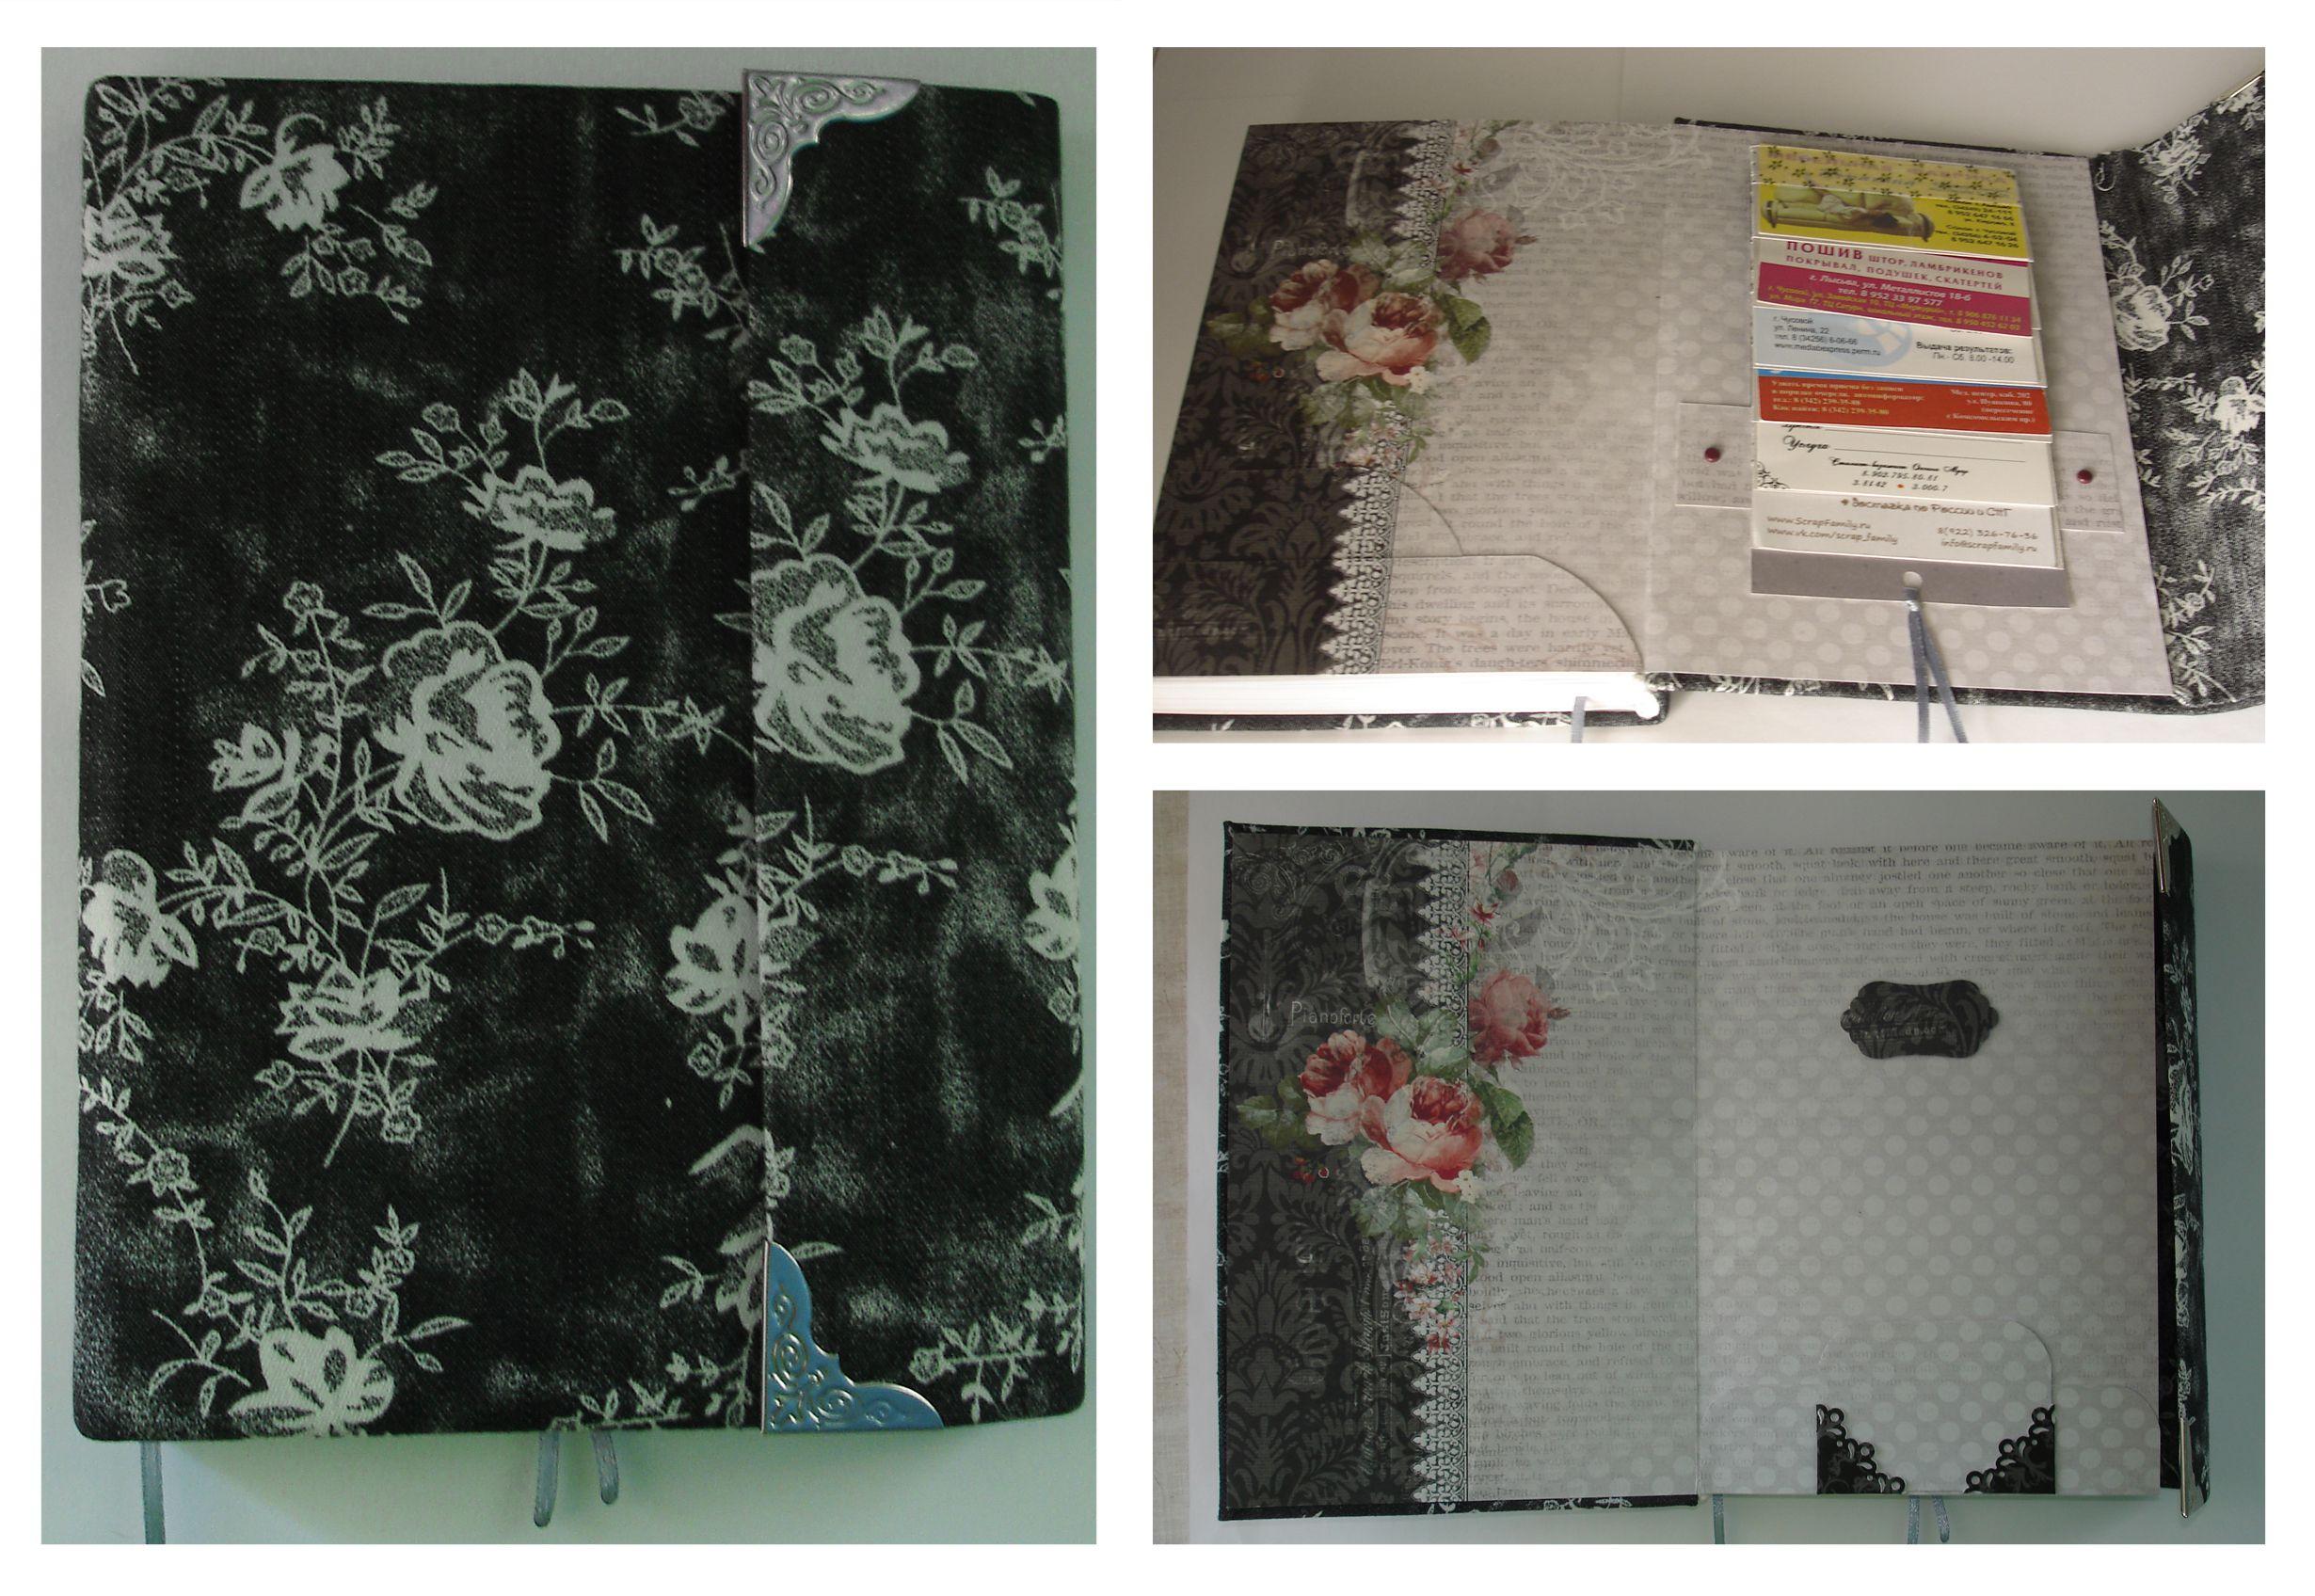 черно-белый деловой женщины функциональный красивый ежедневник записная книжка для мягкий стильный подарок